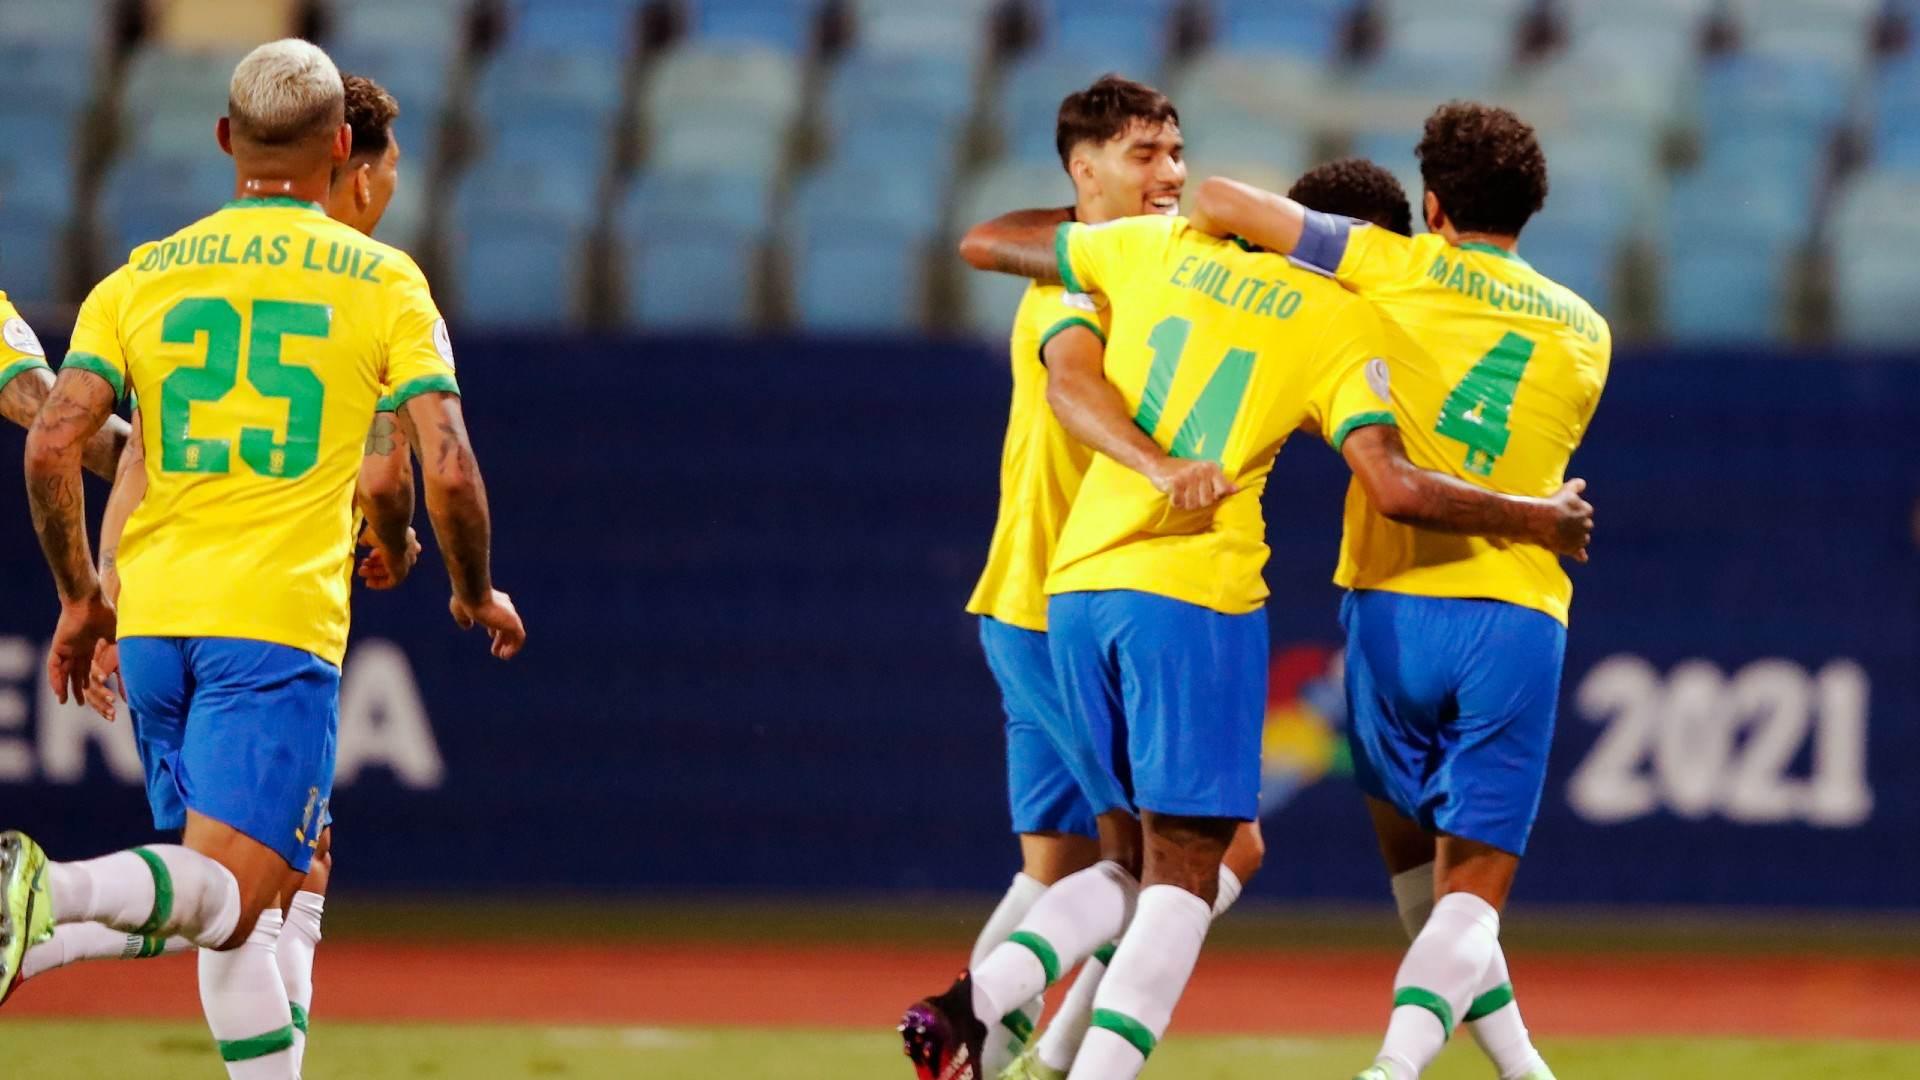 Zagueiro marcou seu primeiro gol com a camisa da Seleção